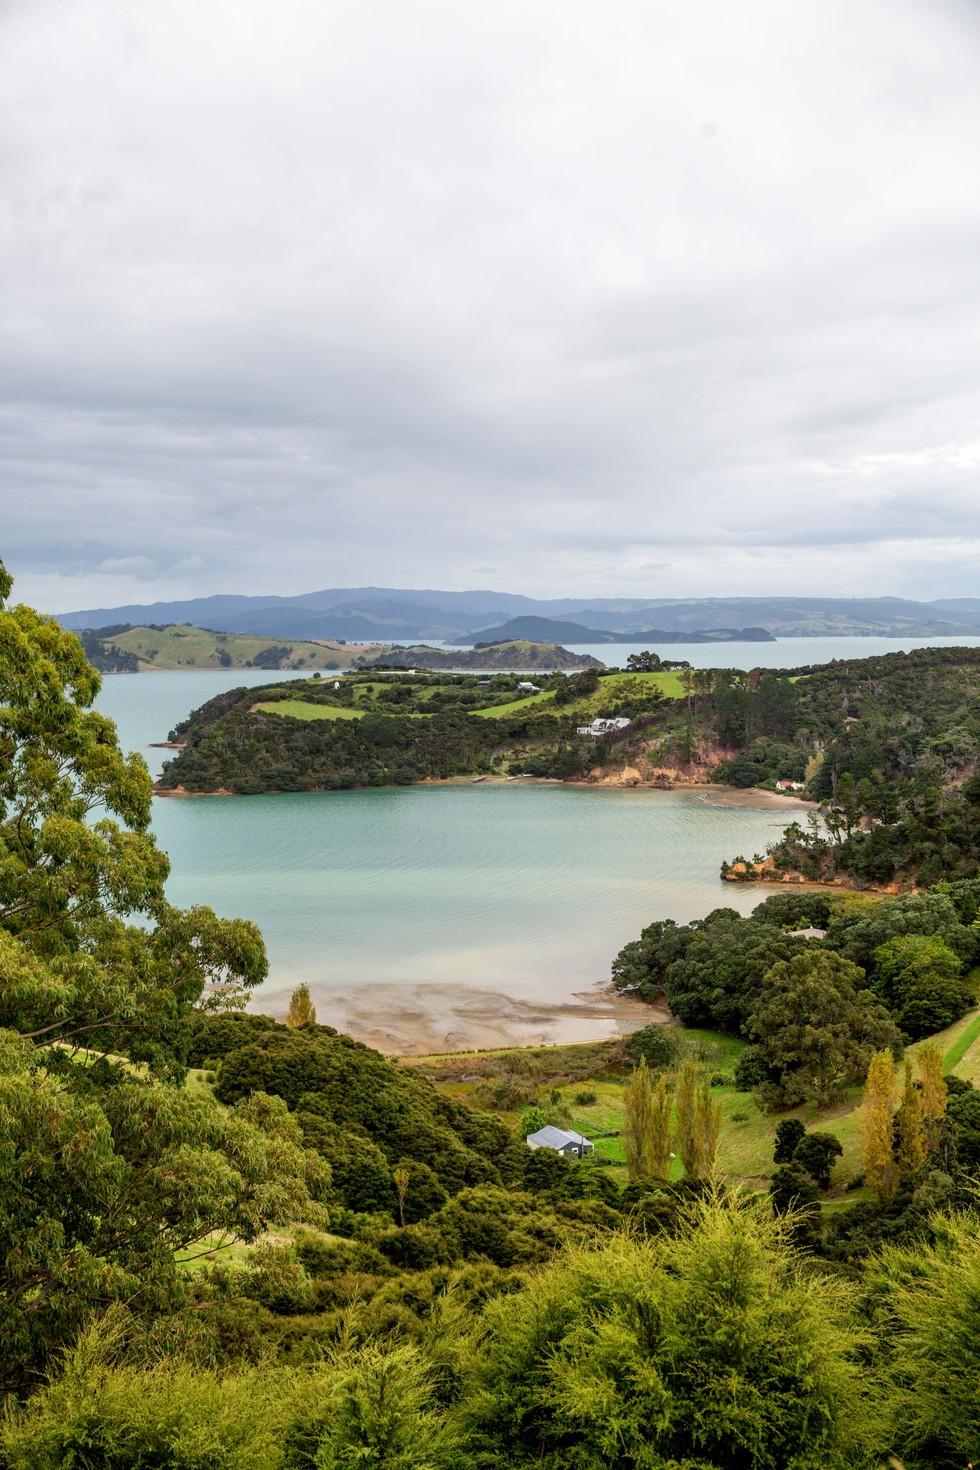 A view of the green, lush coastline of Waiheke Island